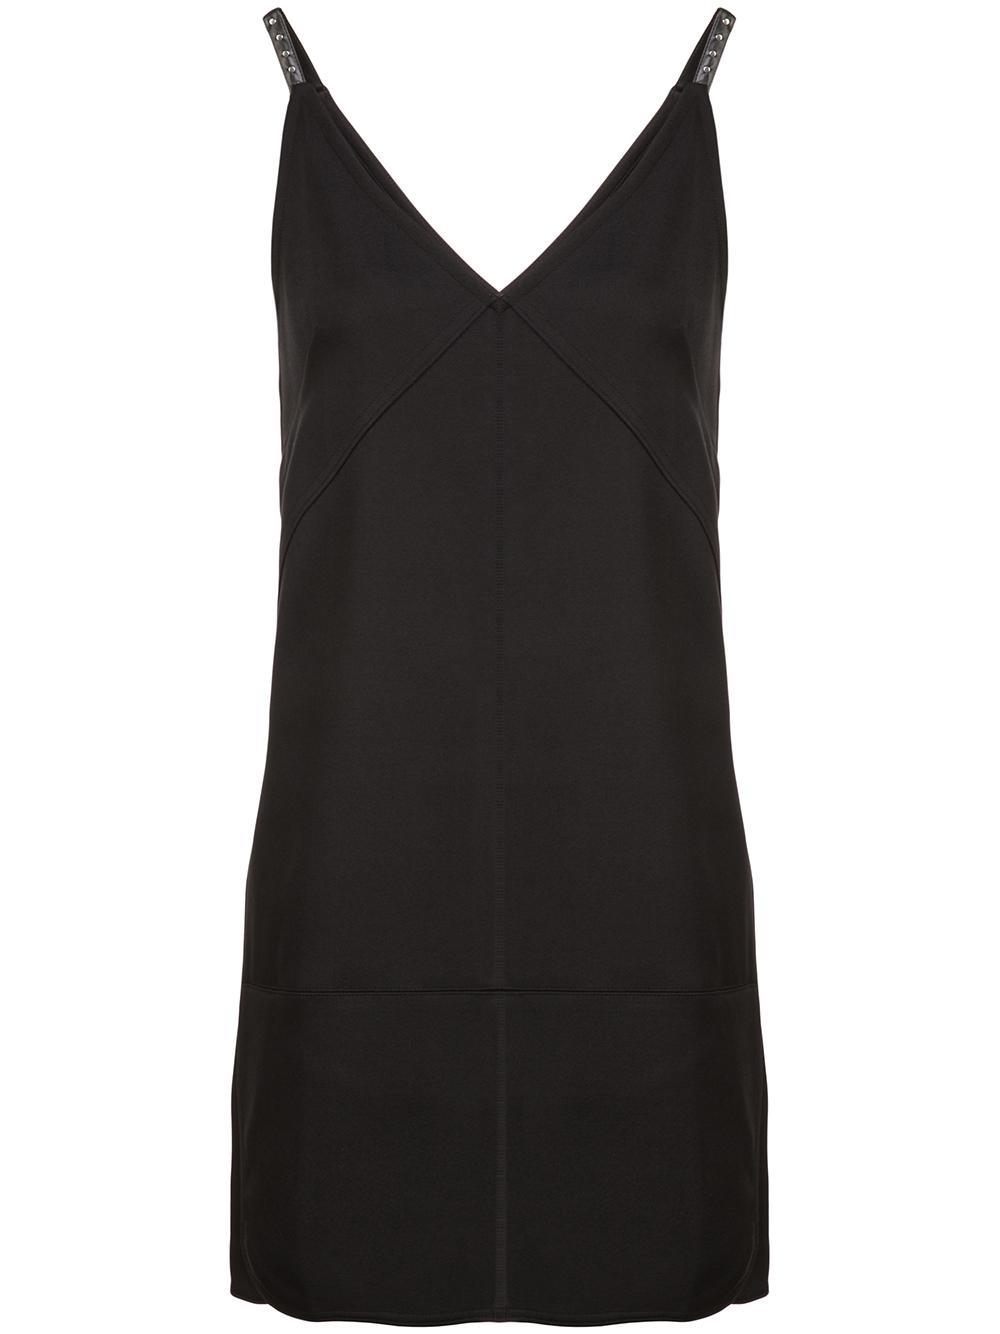 Padded Nylon Mini Tank Dress Item # I06HW601